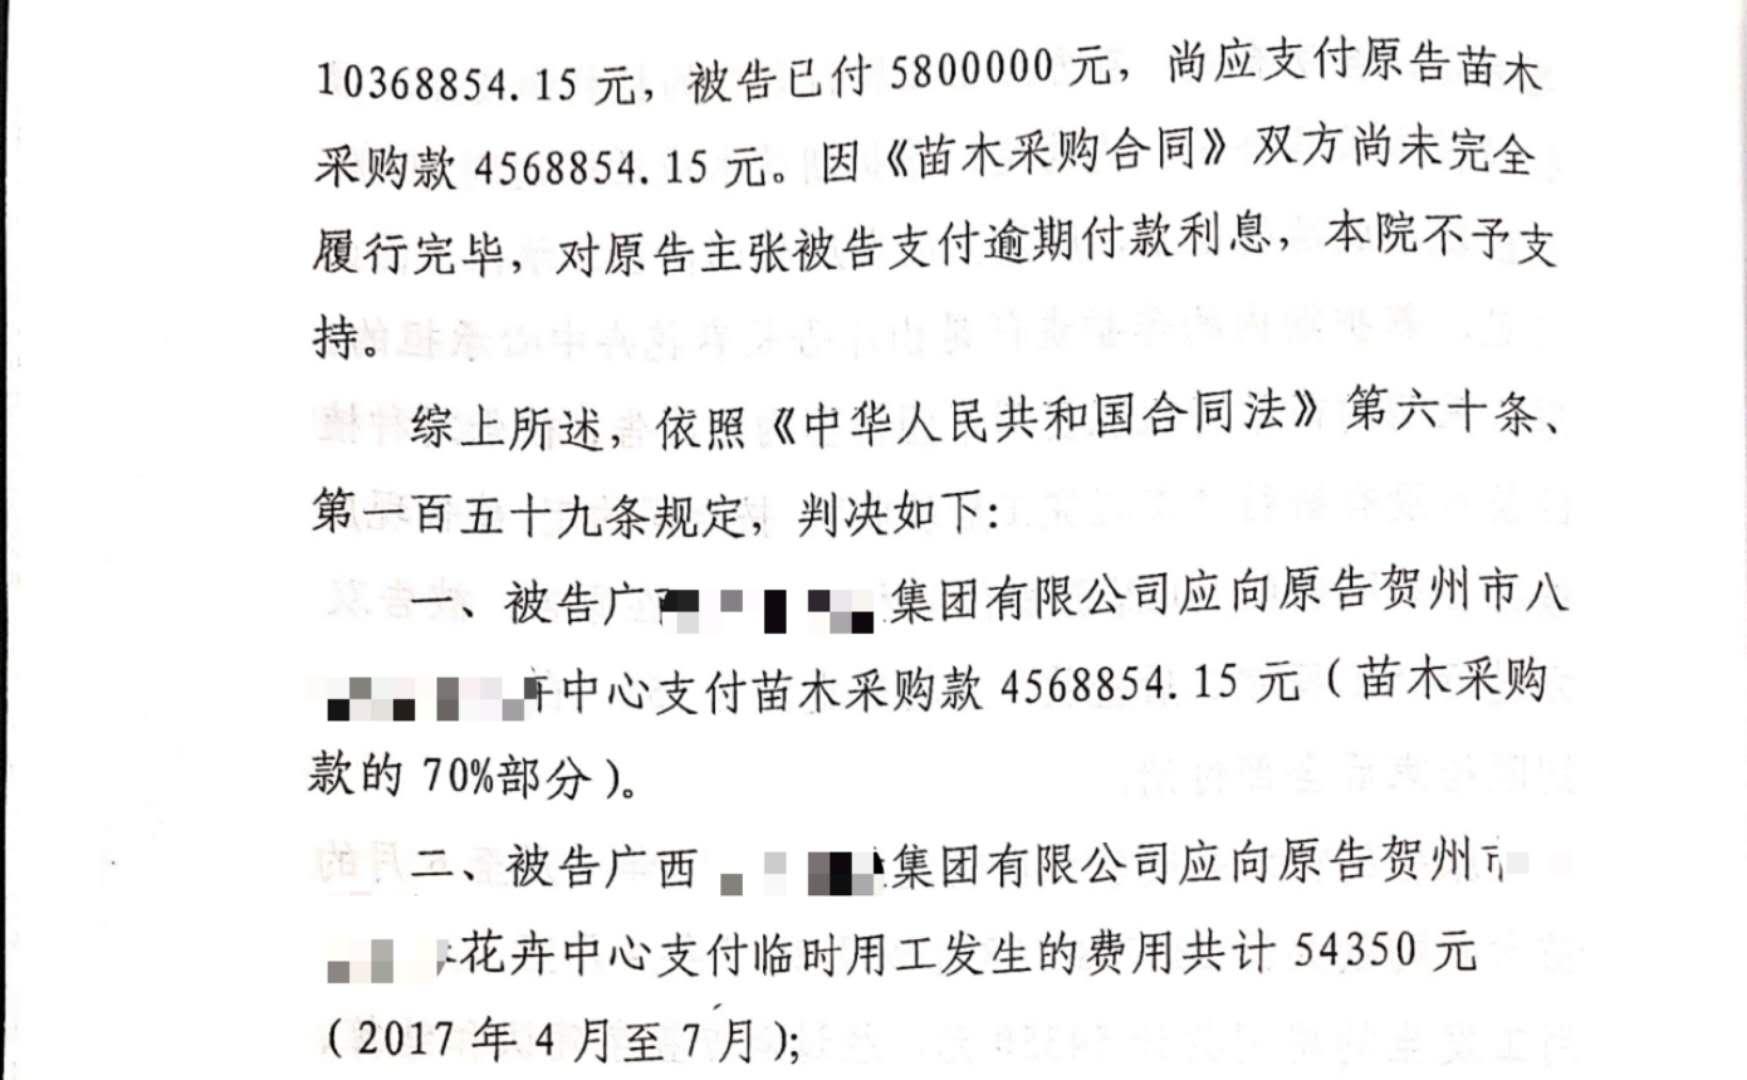 『成功案例』『贺州律师』雷新林律师代理金额900余万的苗木采购合同纠纷一案